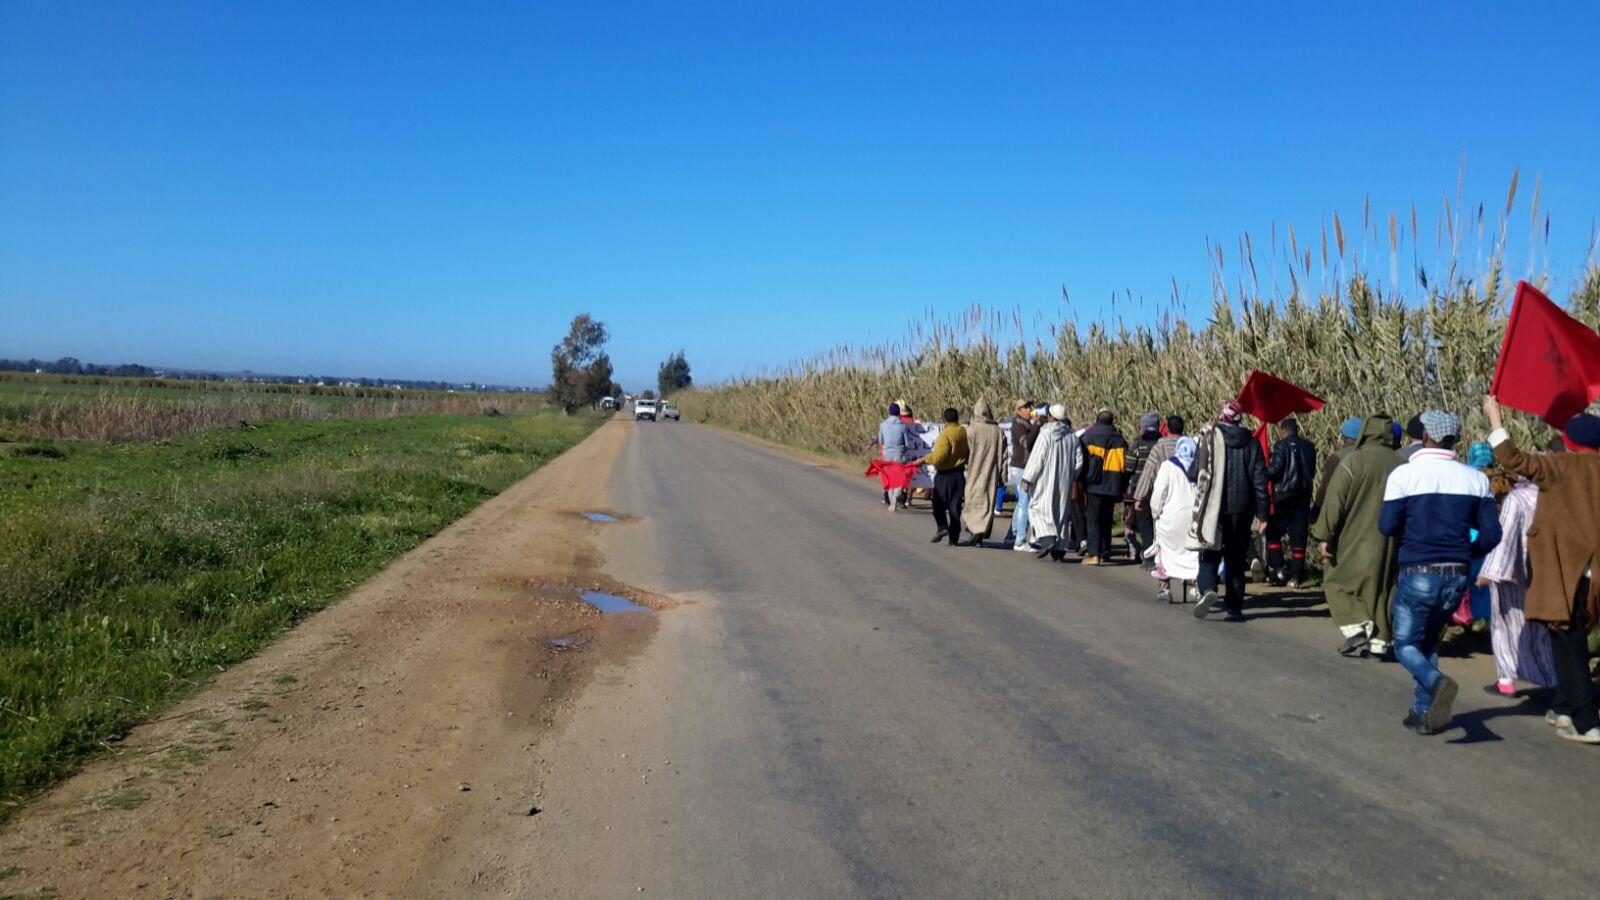 مواطنون بجماعة لالة ميمونة سوق الاربعاء الغرب في مسيرة على الاقدام